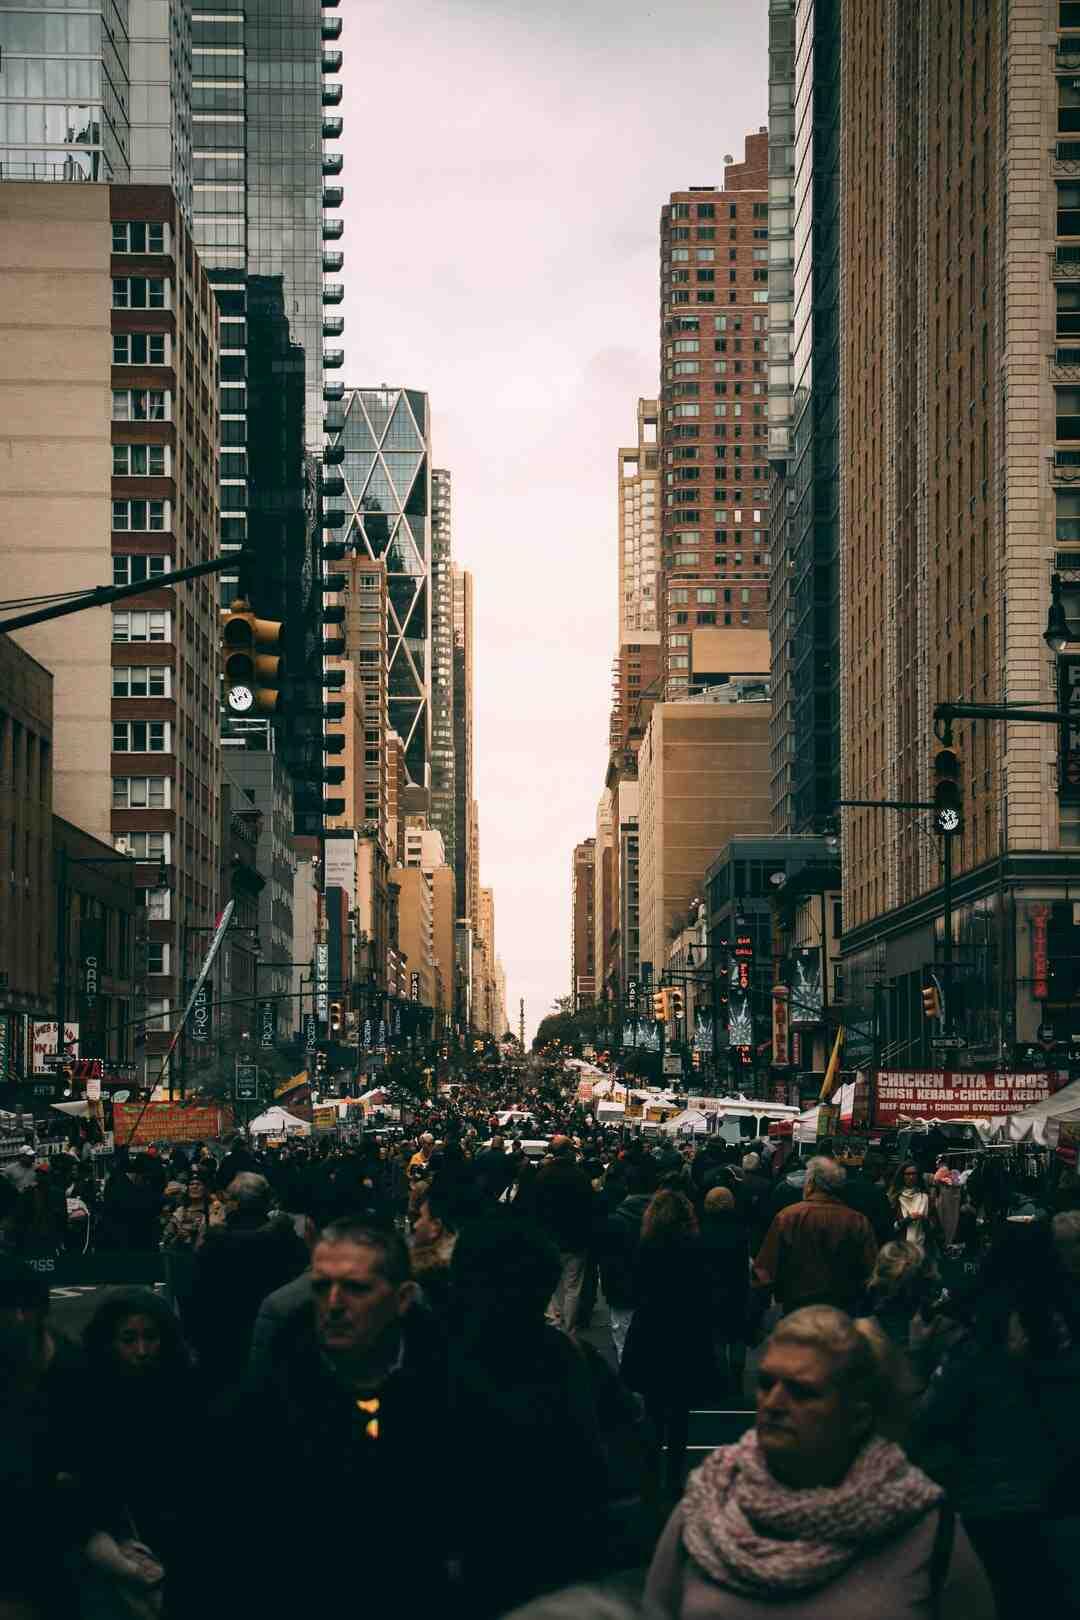 Quel est la densité de la population ?